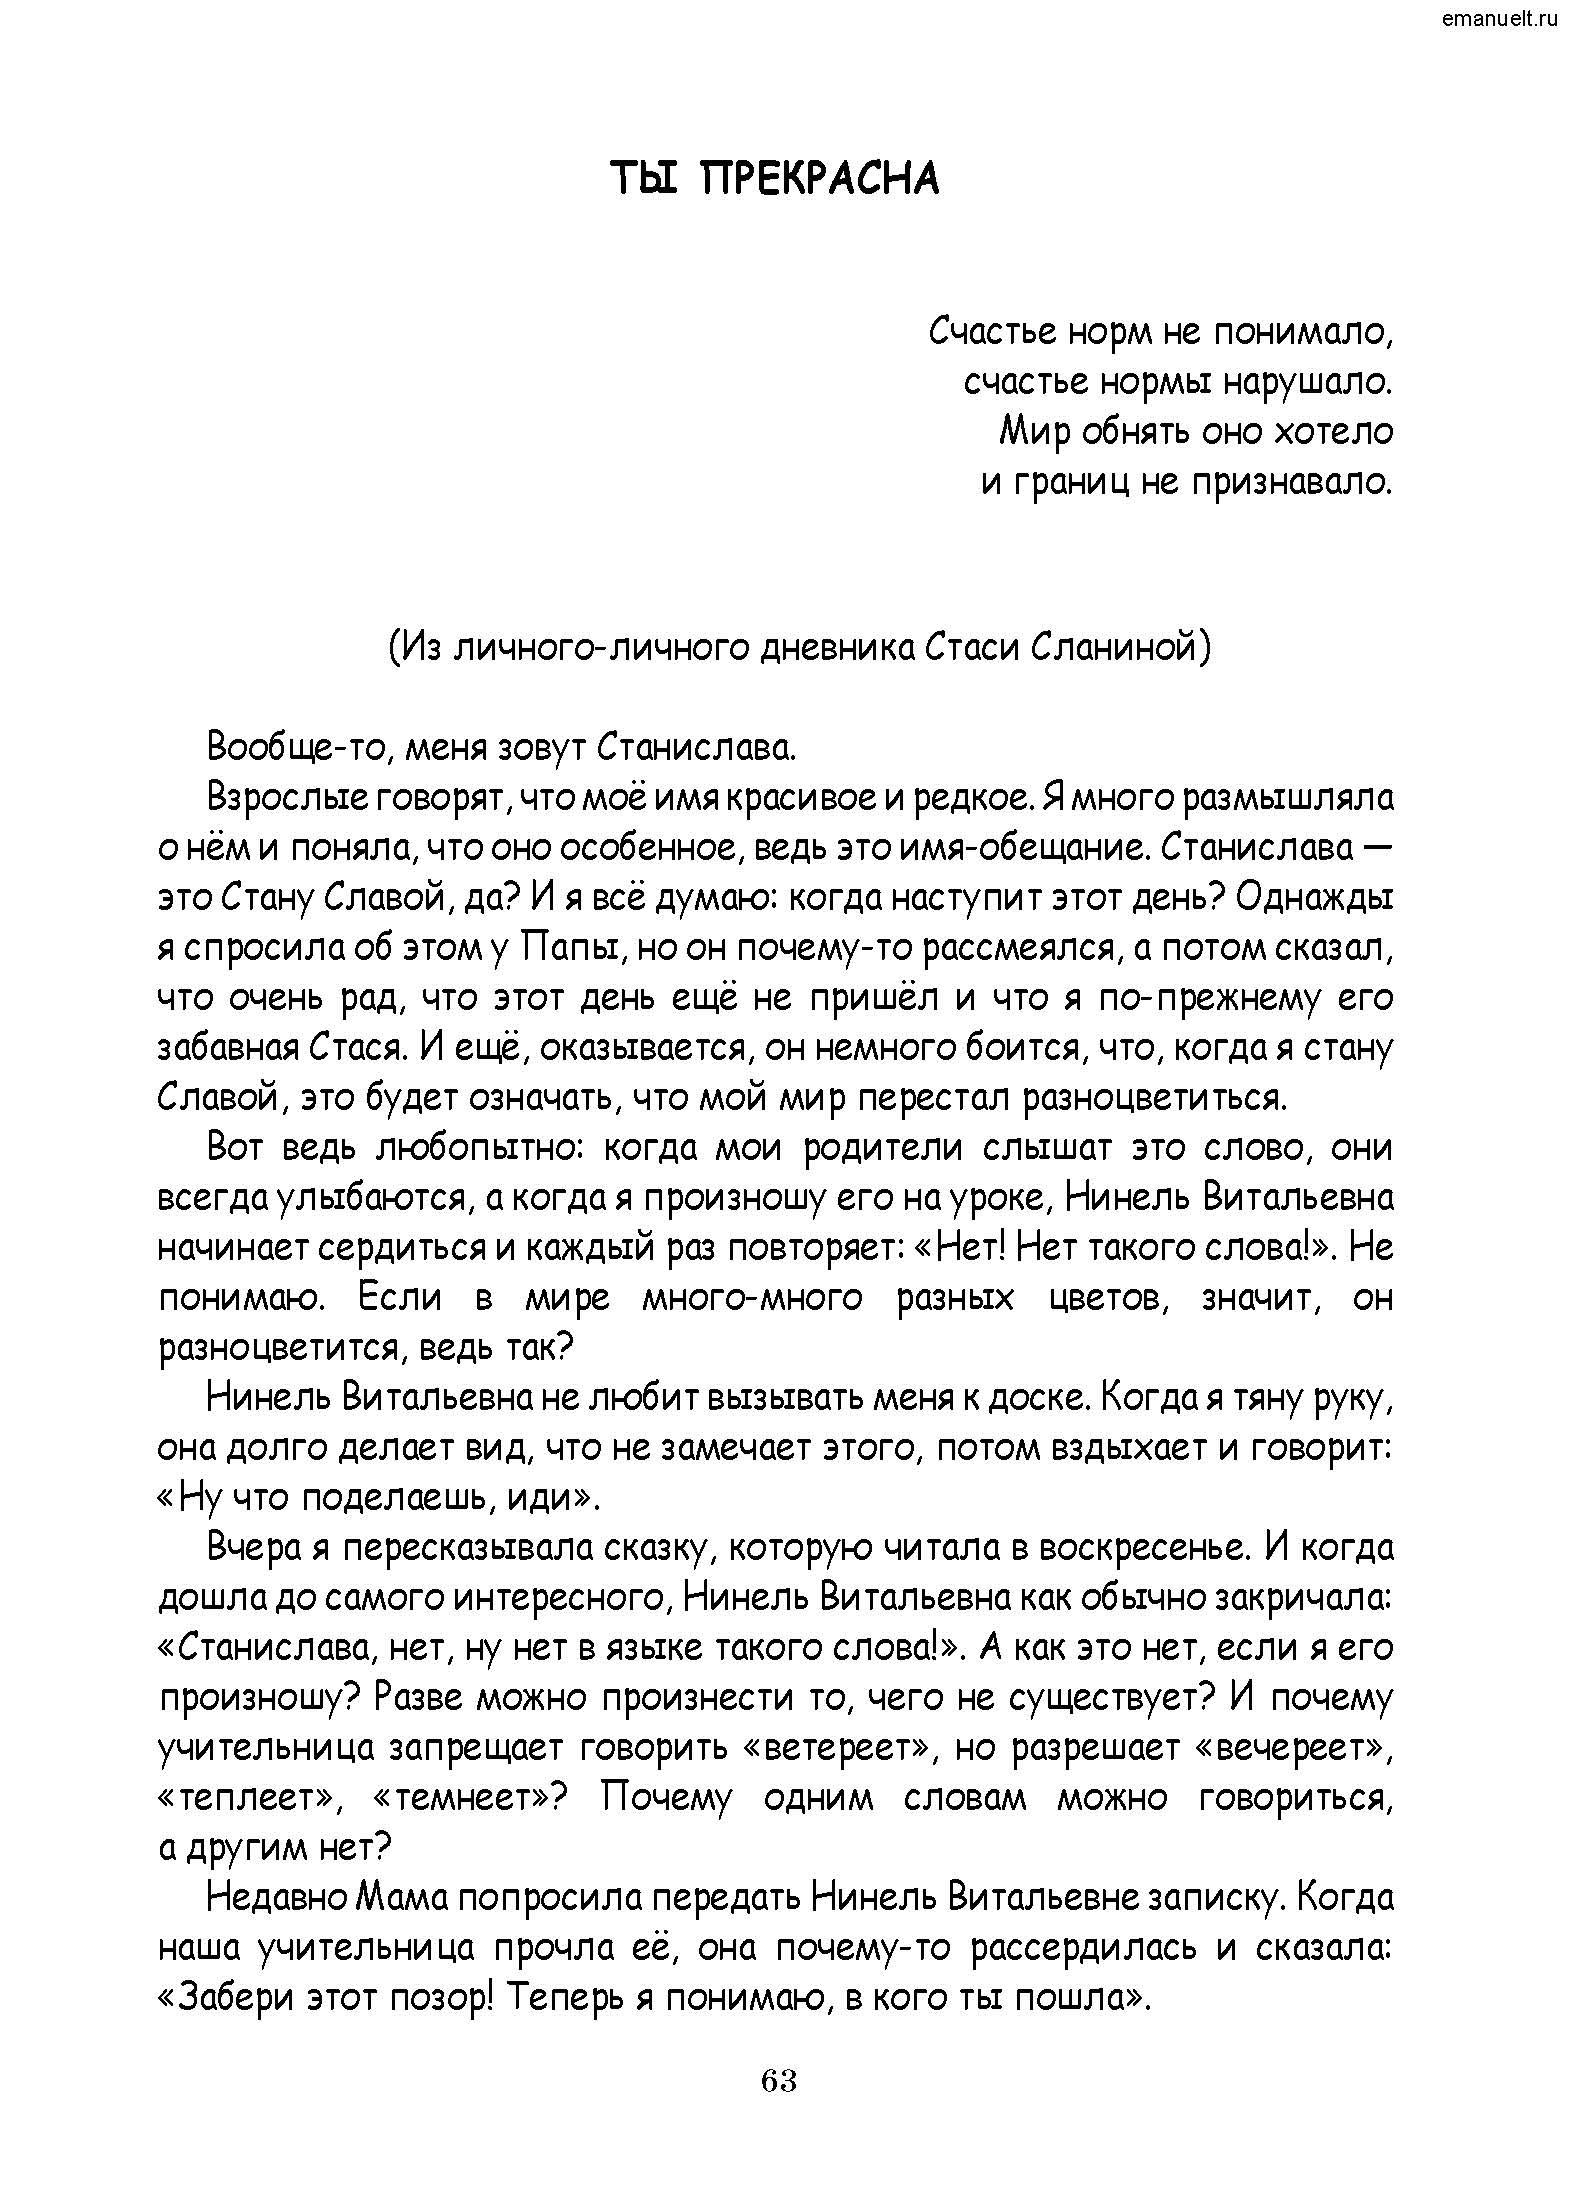 Рассказки в заданиях. emanuelt.ru_Страница_064